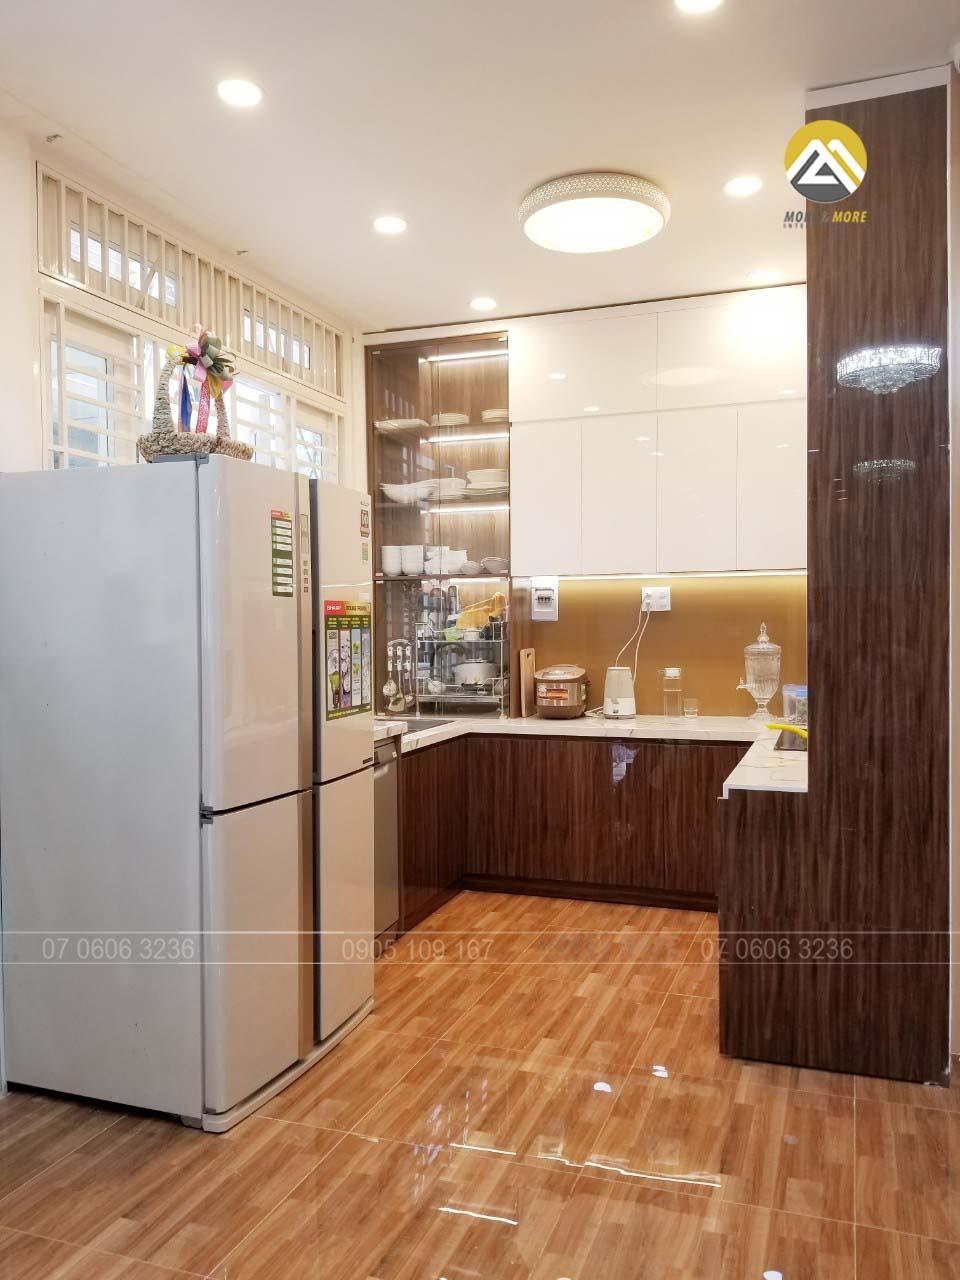 Tủ Bếp MDF Lõi Xanh Phủ Acrylic Tại Trương Phước Sang, Tân Bình